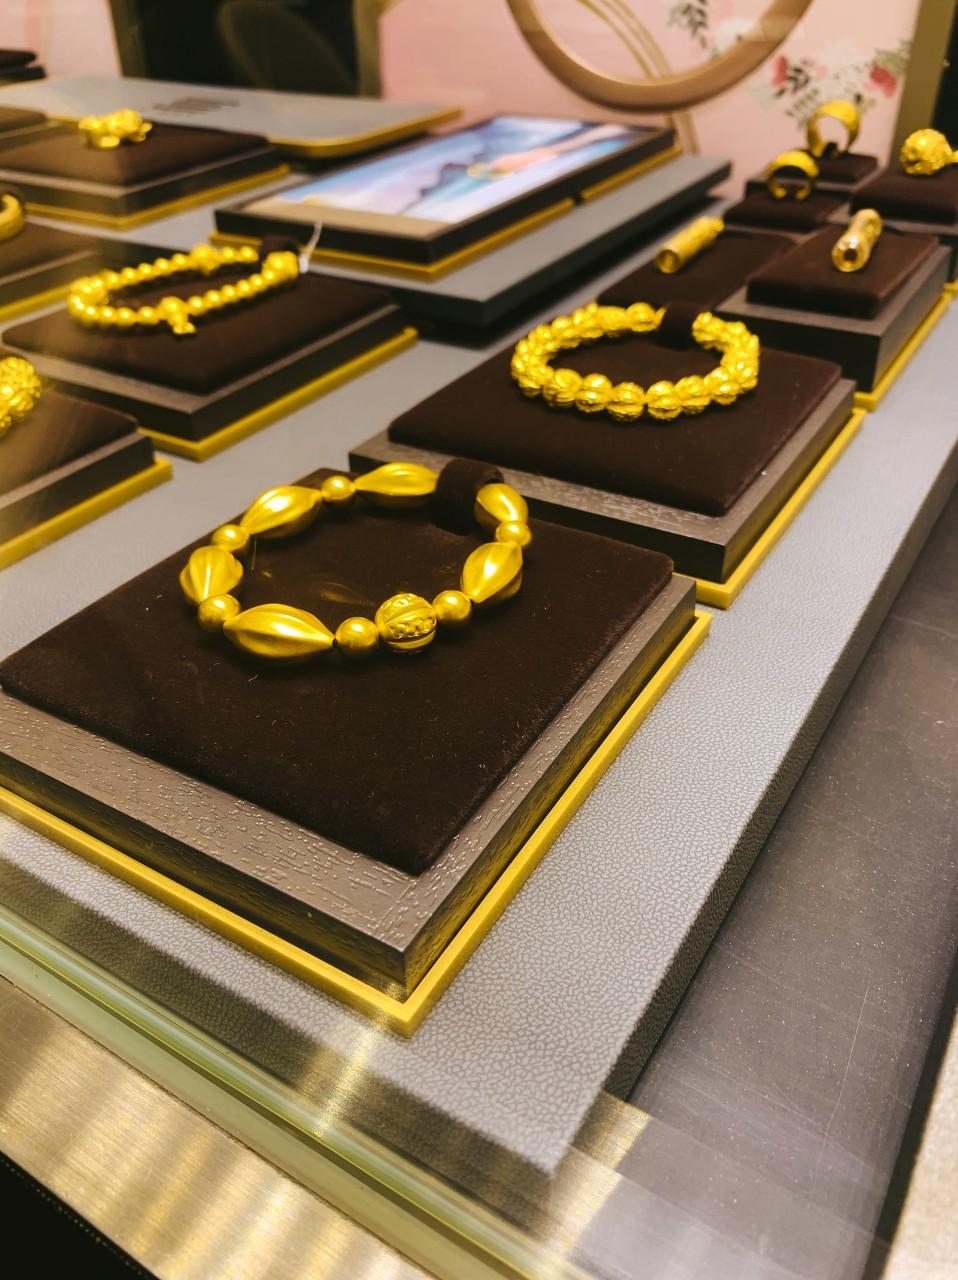 汝州市一黄金珠宝柜台被盗 警方23小时火速破案